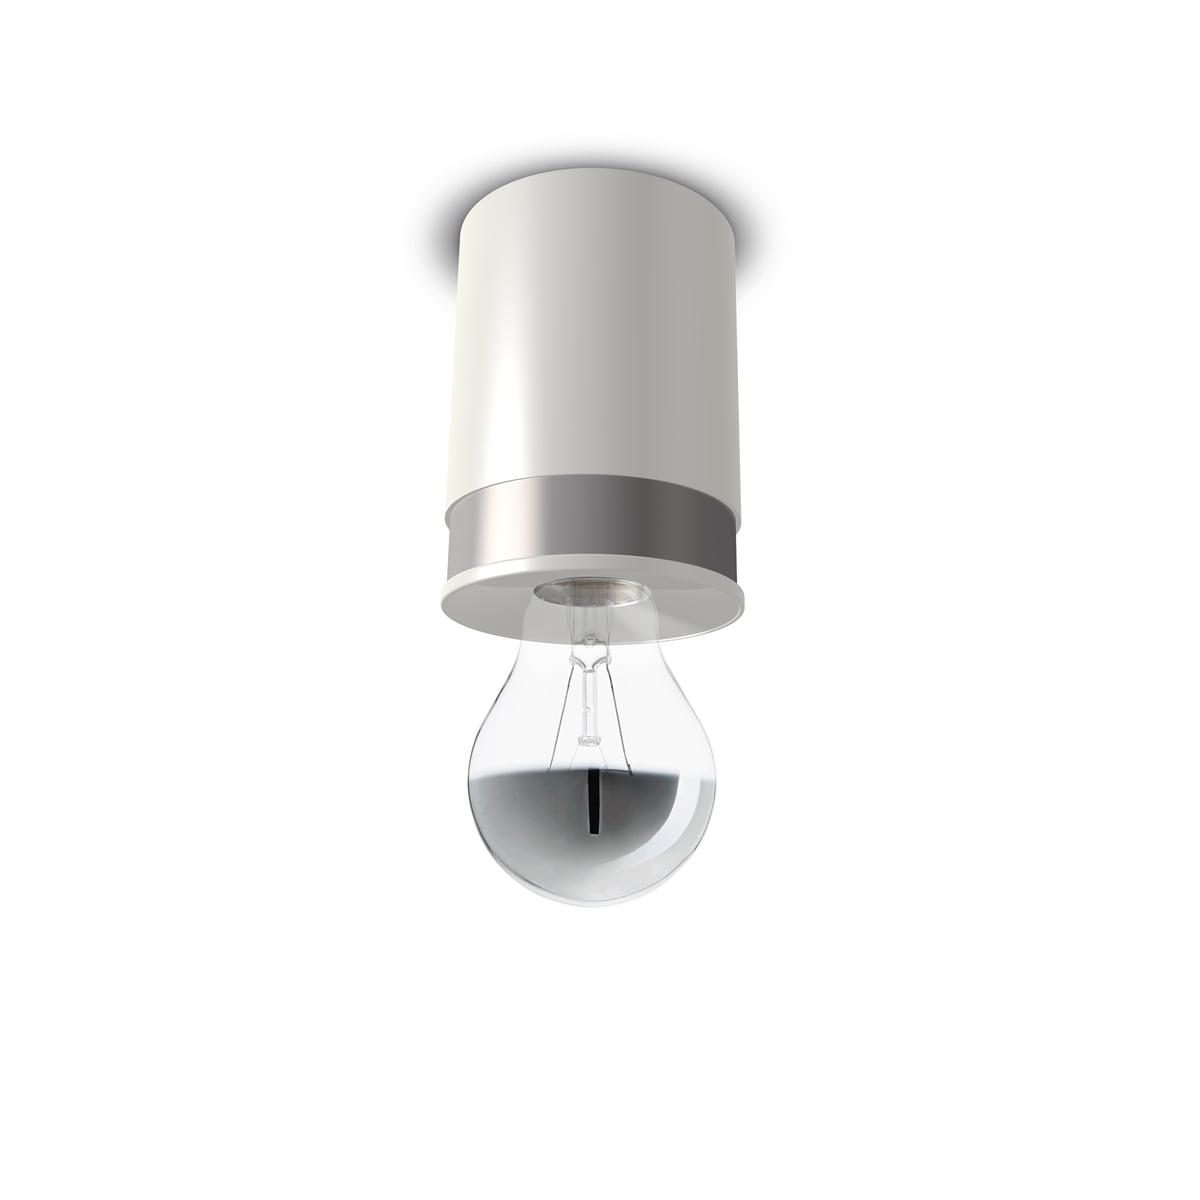 lampe an decke befestigen ohne bohren montieren und gefhrliche fehler dabei vermeiden youtube. Black Bedroom Furniture Sets. Home Design Ideas